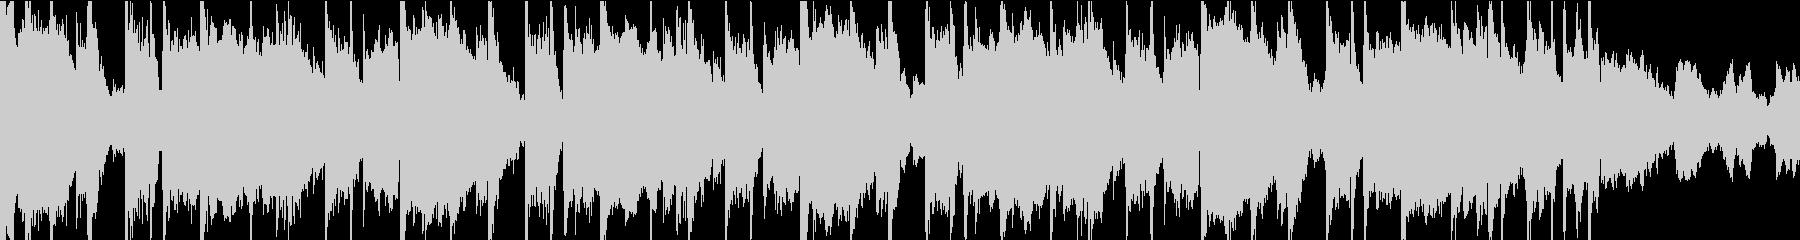 BGM_ダーク系_打ち込み系_ループの未再生の波形